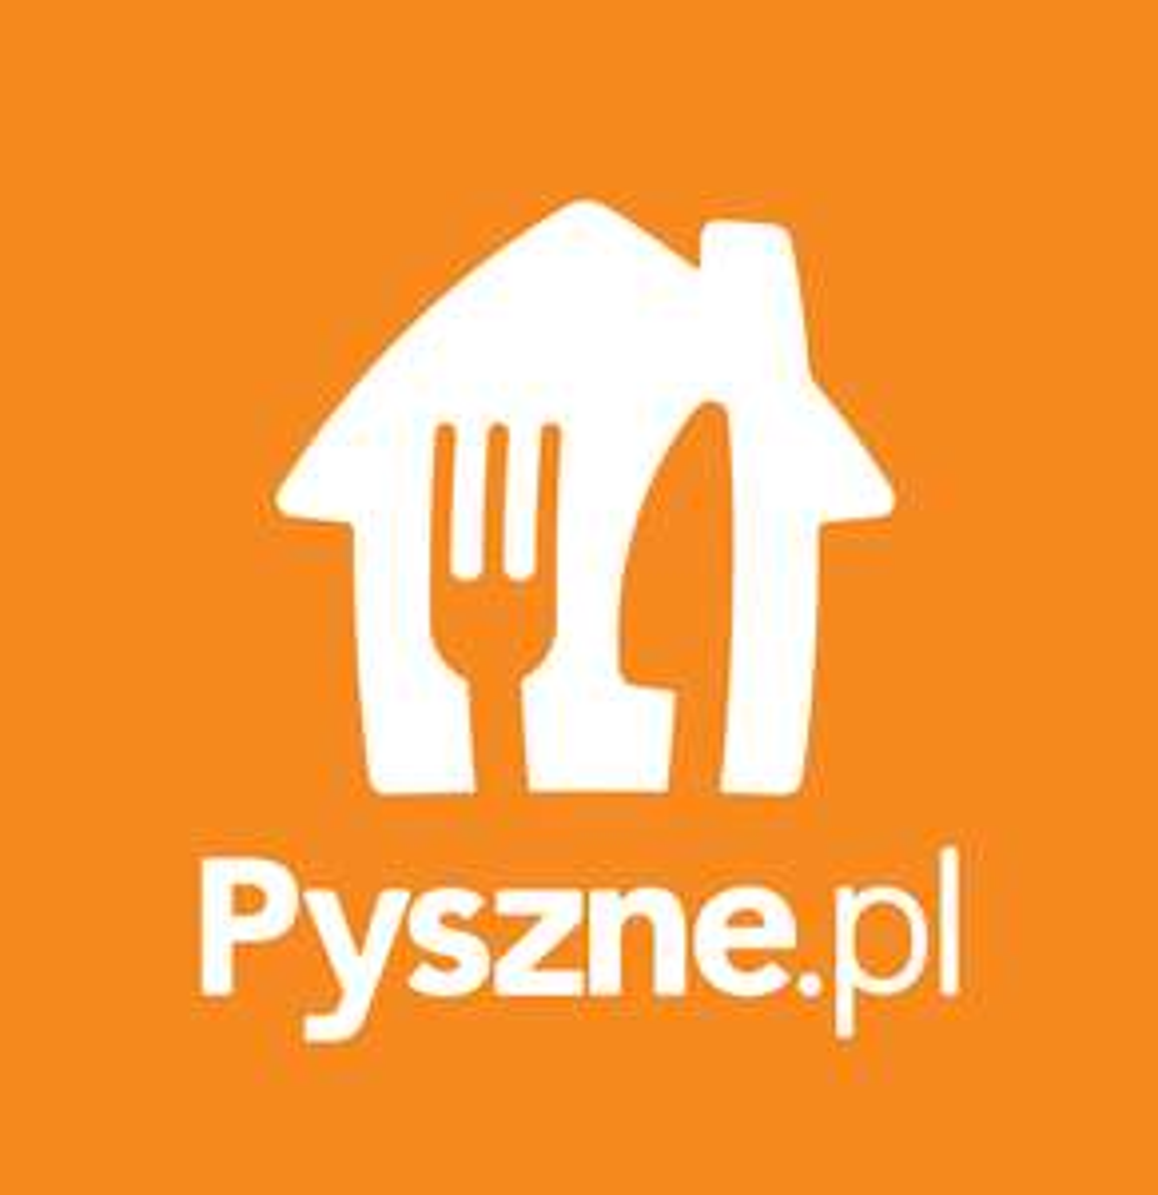 Pyszne.pl rozdaje kody za odpalenie aplikacji!